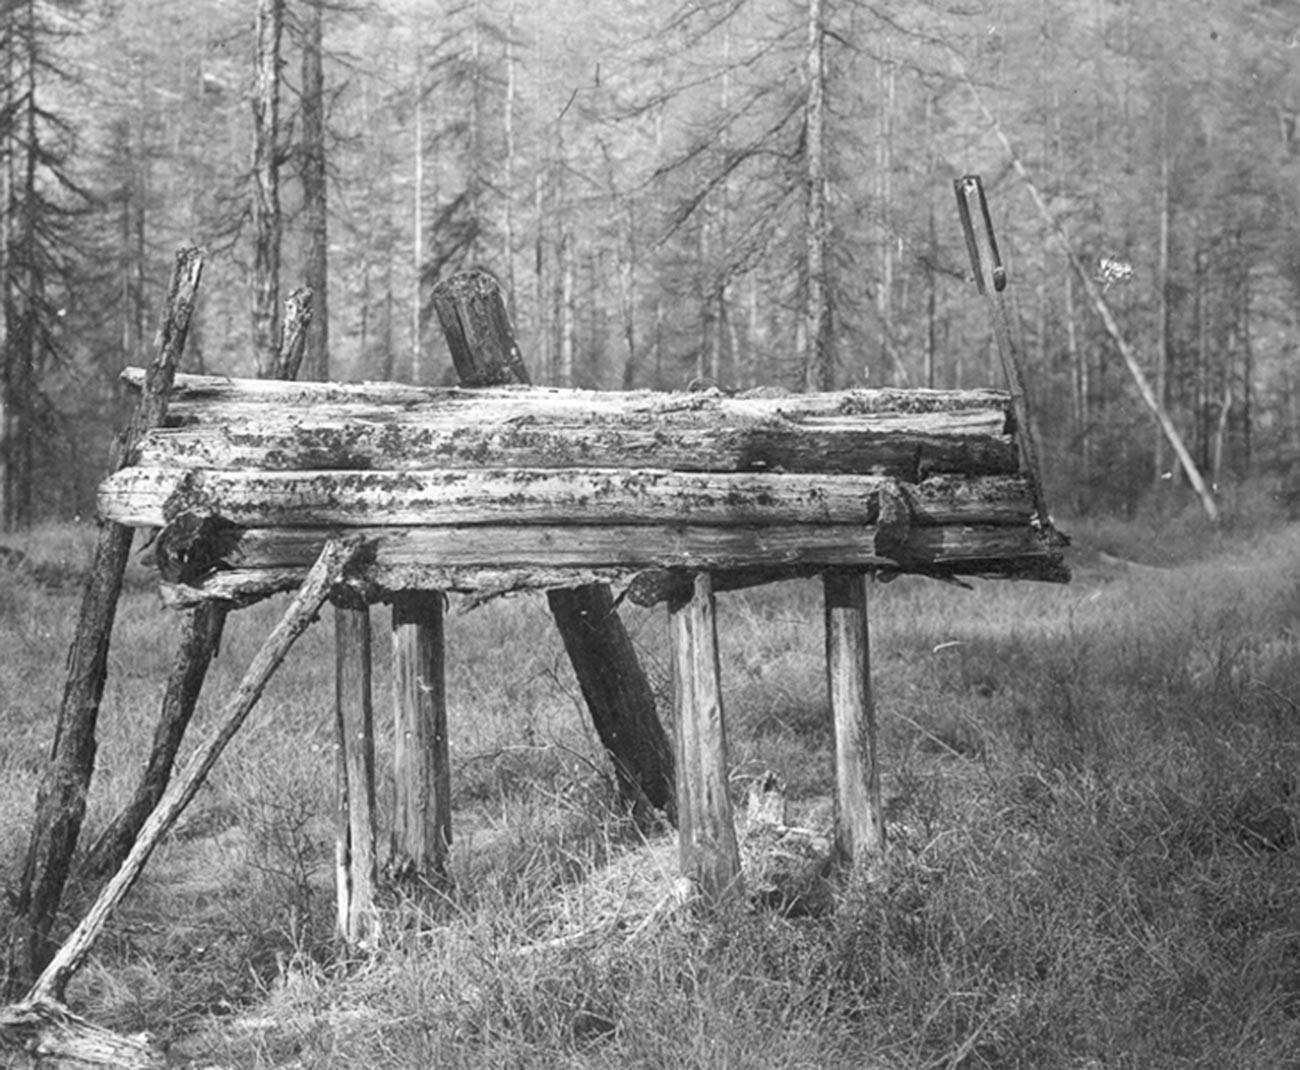 Un entierro sobre el suelo encontrado en un bosque ruso